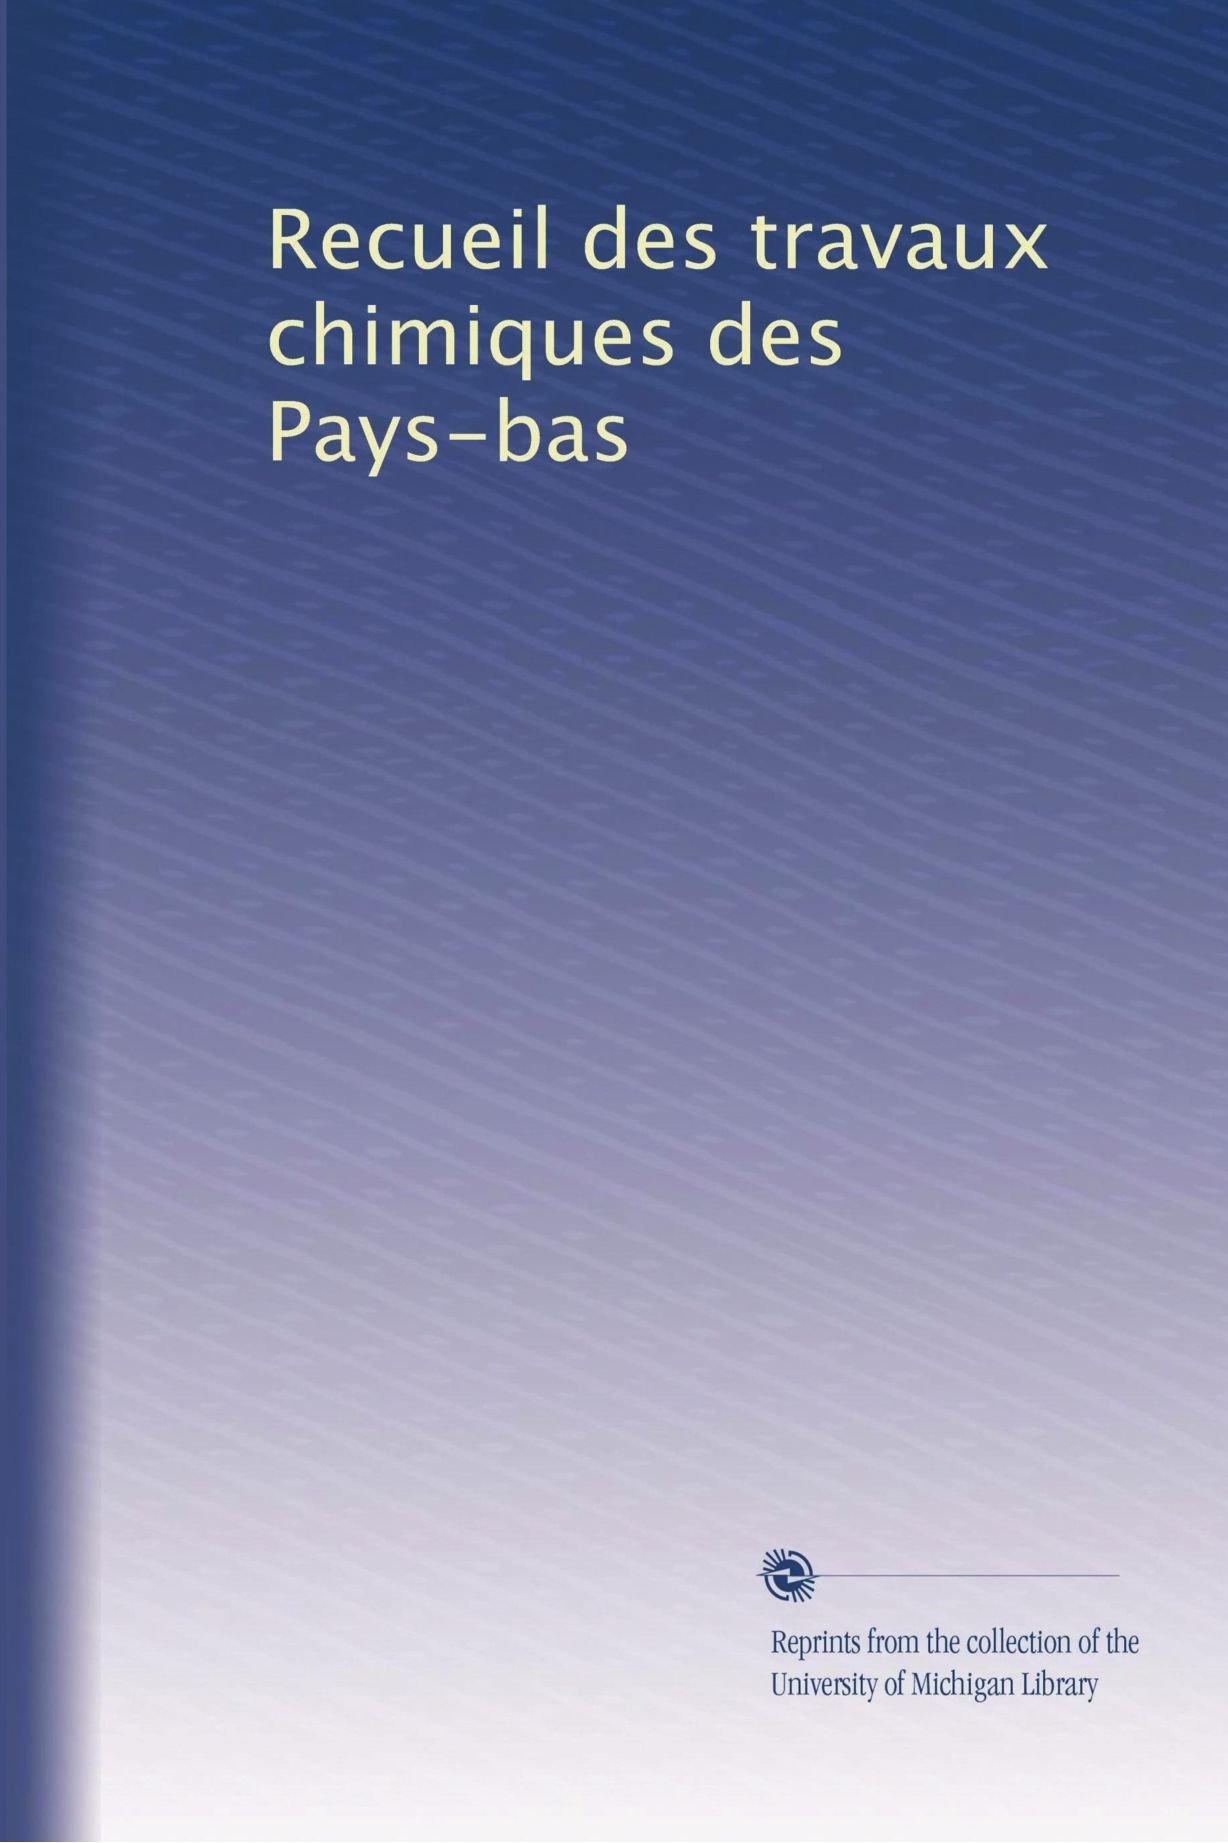 Download Recueil des travaux chimiques des Pays-bas (Volume 20) ebook